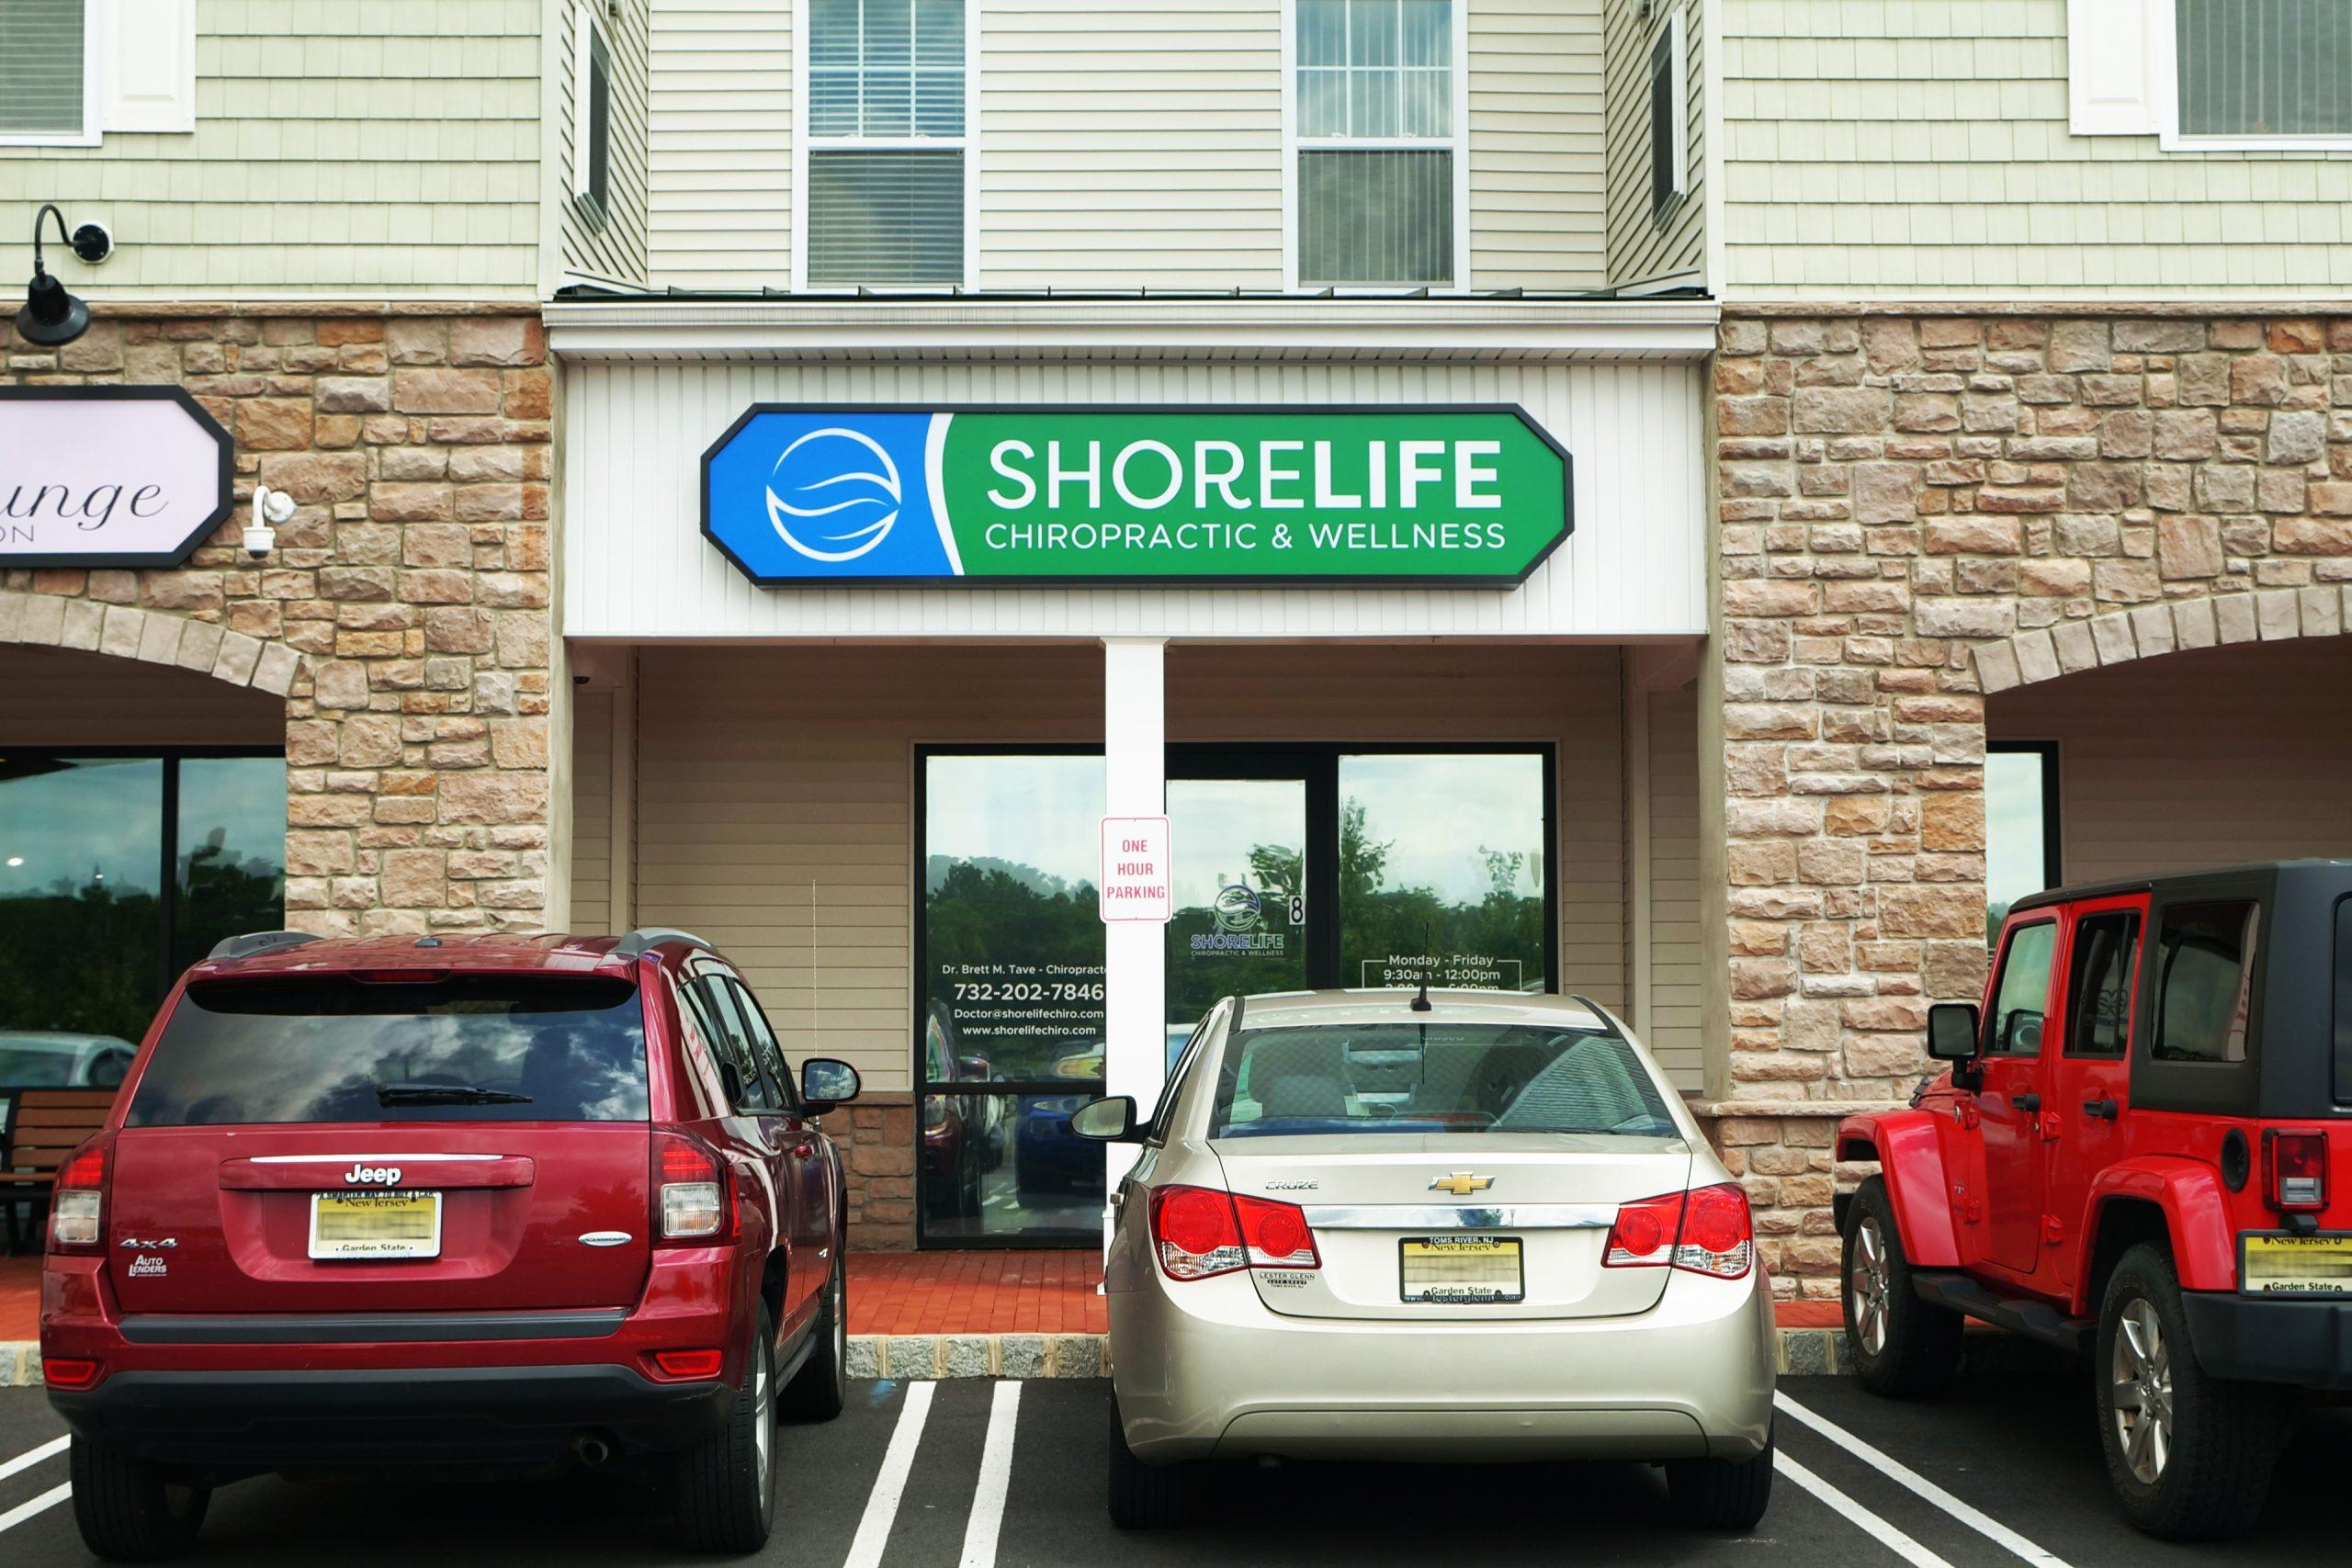 ShoreLife Chiropractic & Wellness